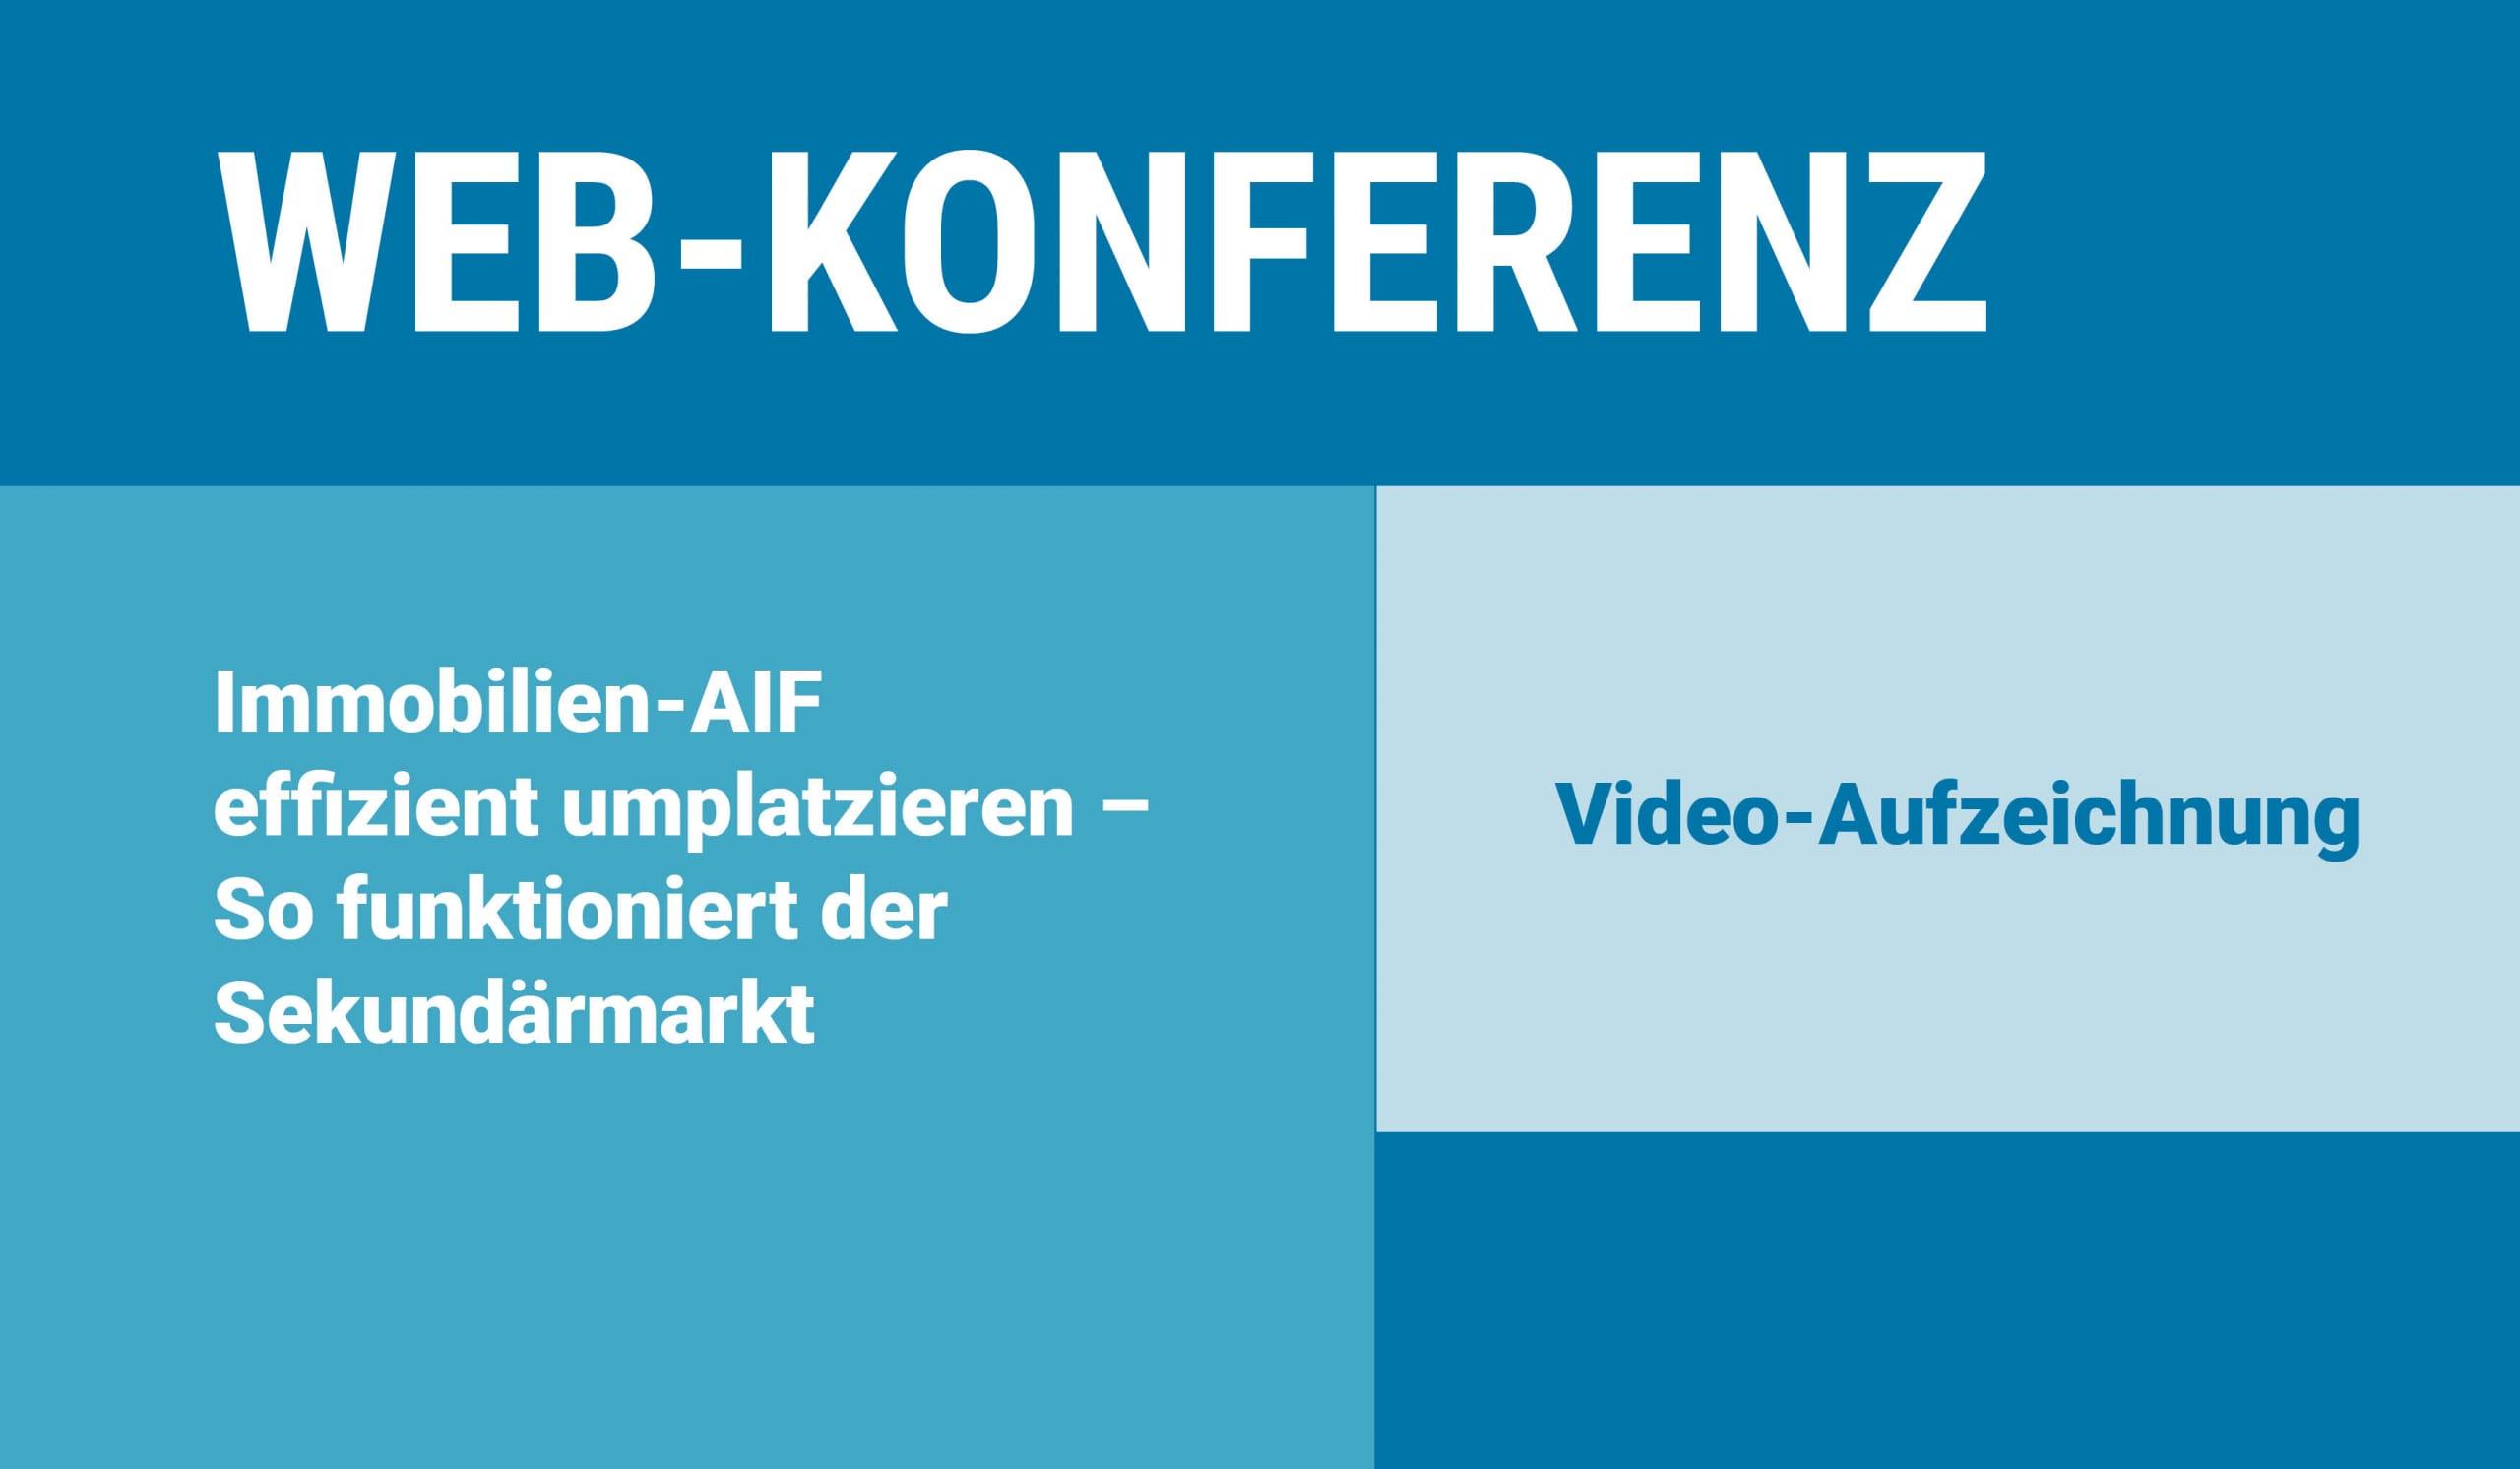 Banner zu Web-Konferenz (Webinar) der Real Exchange